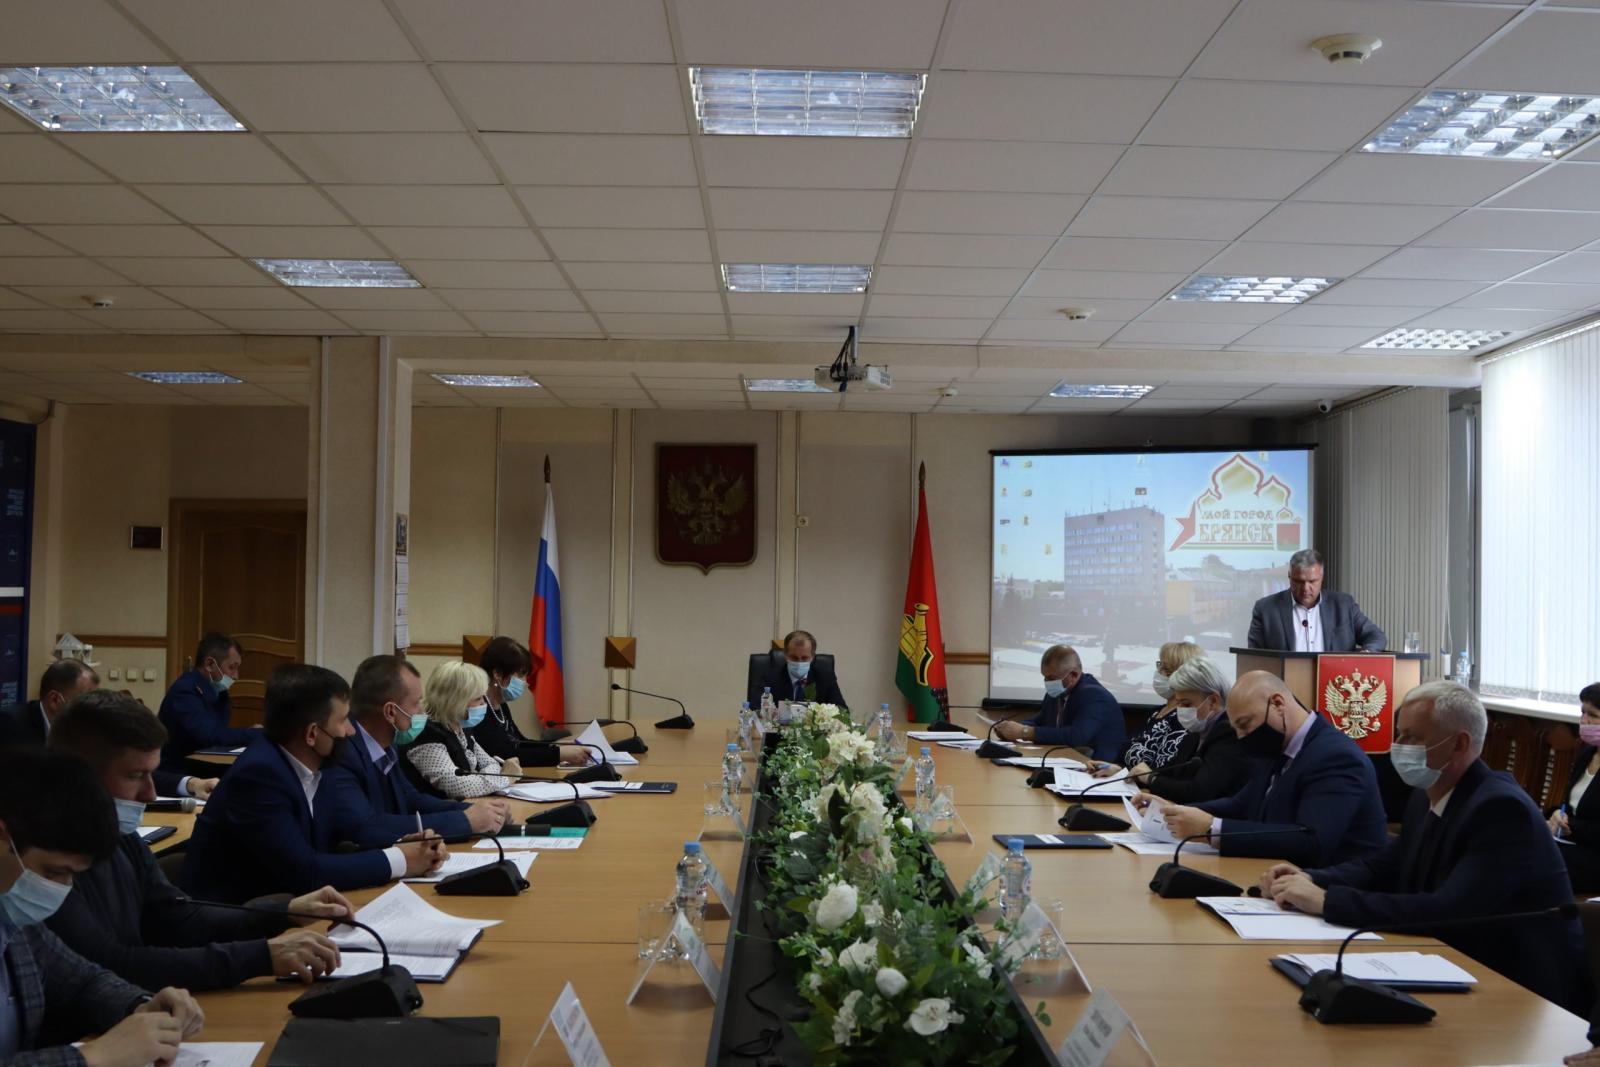 В 2021 году более 50 млн рублей потратили на обновление наружного освещения в Брянске